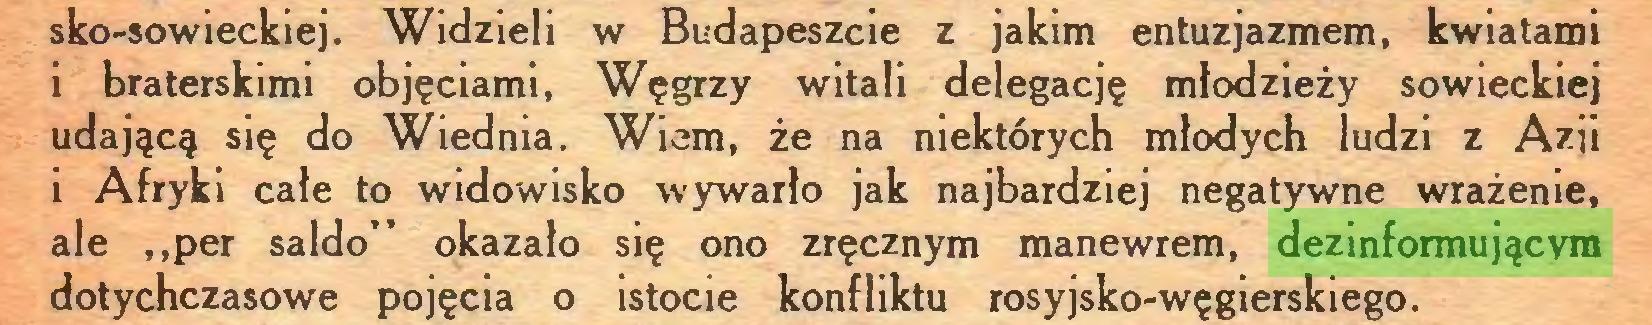 """(...) sko-sowieckiej. Widzieli w Budapeszcie z jakim entuzjazmem, kwiatami i braterskimi objęciami, Węgrzy witali delegację młodzieży sowieckiej udającą się do Wiednia. Wiem, że na niektórych młodych ludzi z Azji i Afryki całe to widowisko wywarło jak najbardziej negatywne wrażenie, ale ,,per saldo"""" okazało się ono zręcznym manewrem, dezinformującym dotychczasowe pojęcia o istocie konfliktu rosyjsko-węgierskiego..."""